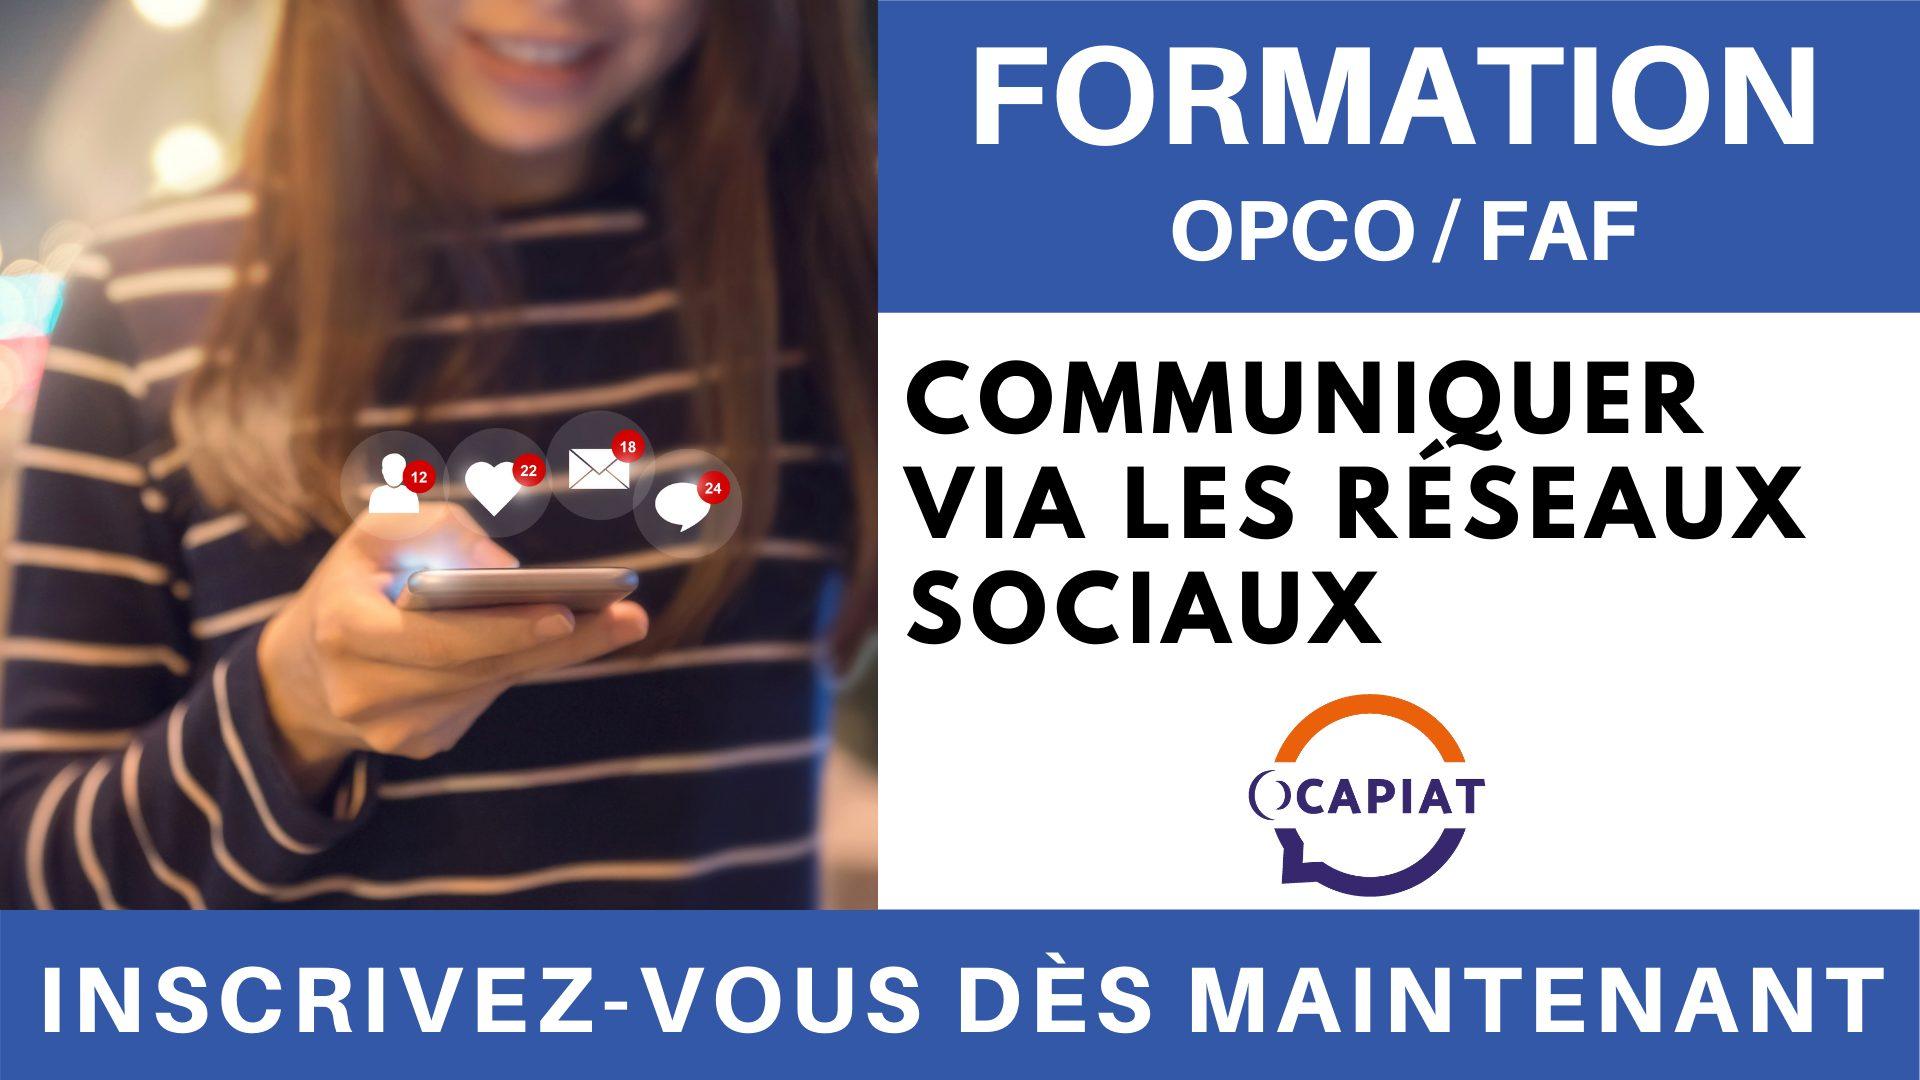 Formation OPCO FAF - Communiquer via les réseaux sociaux